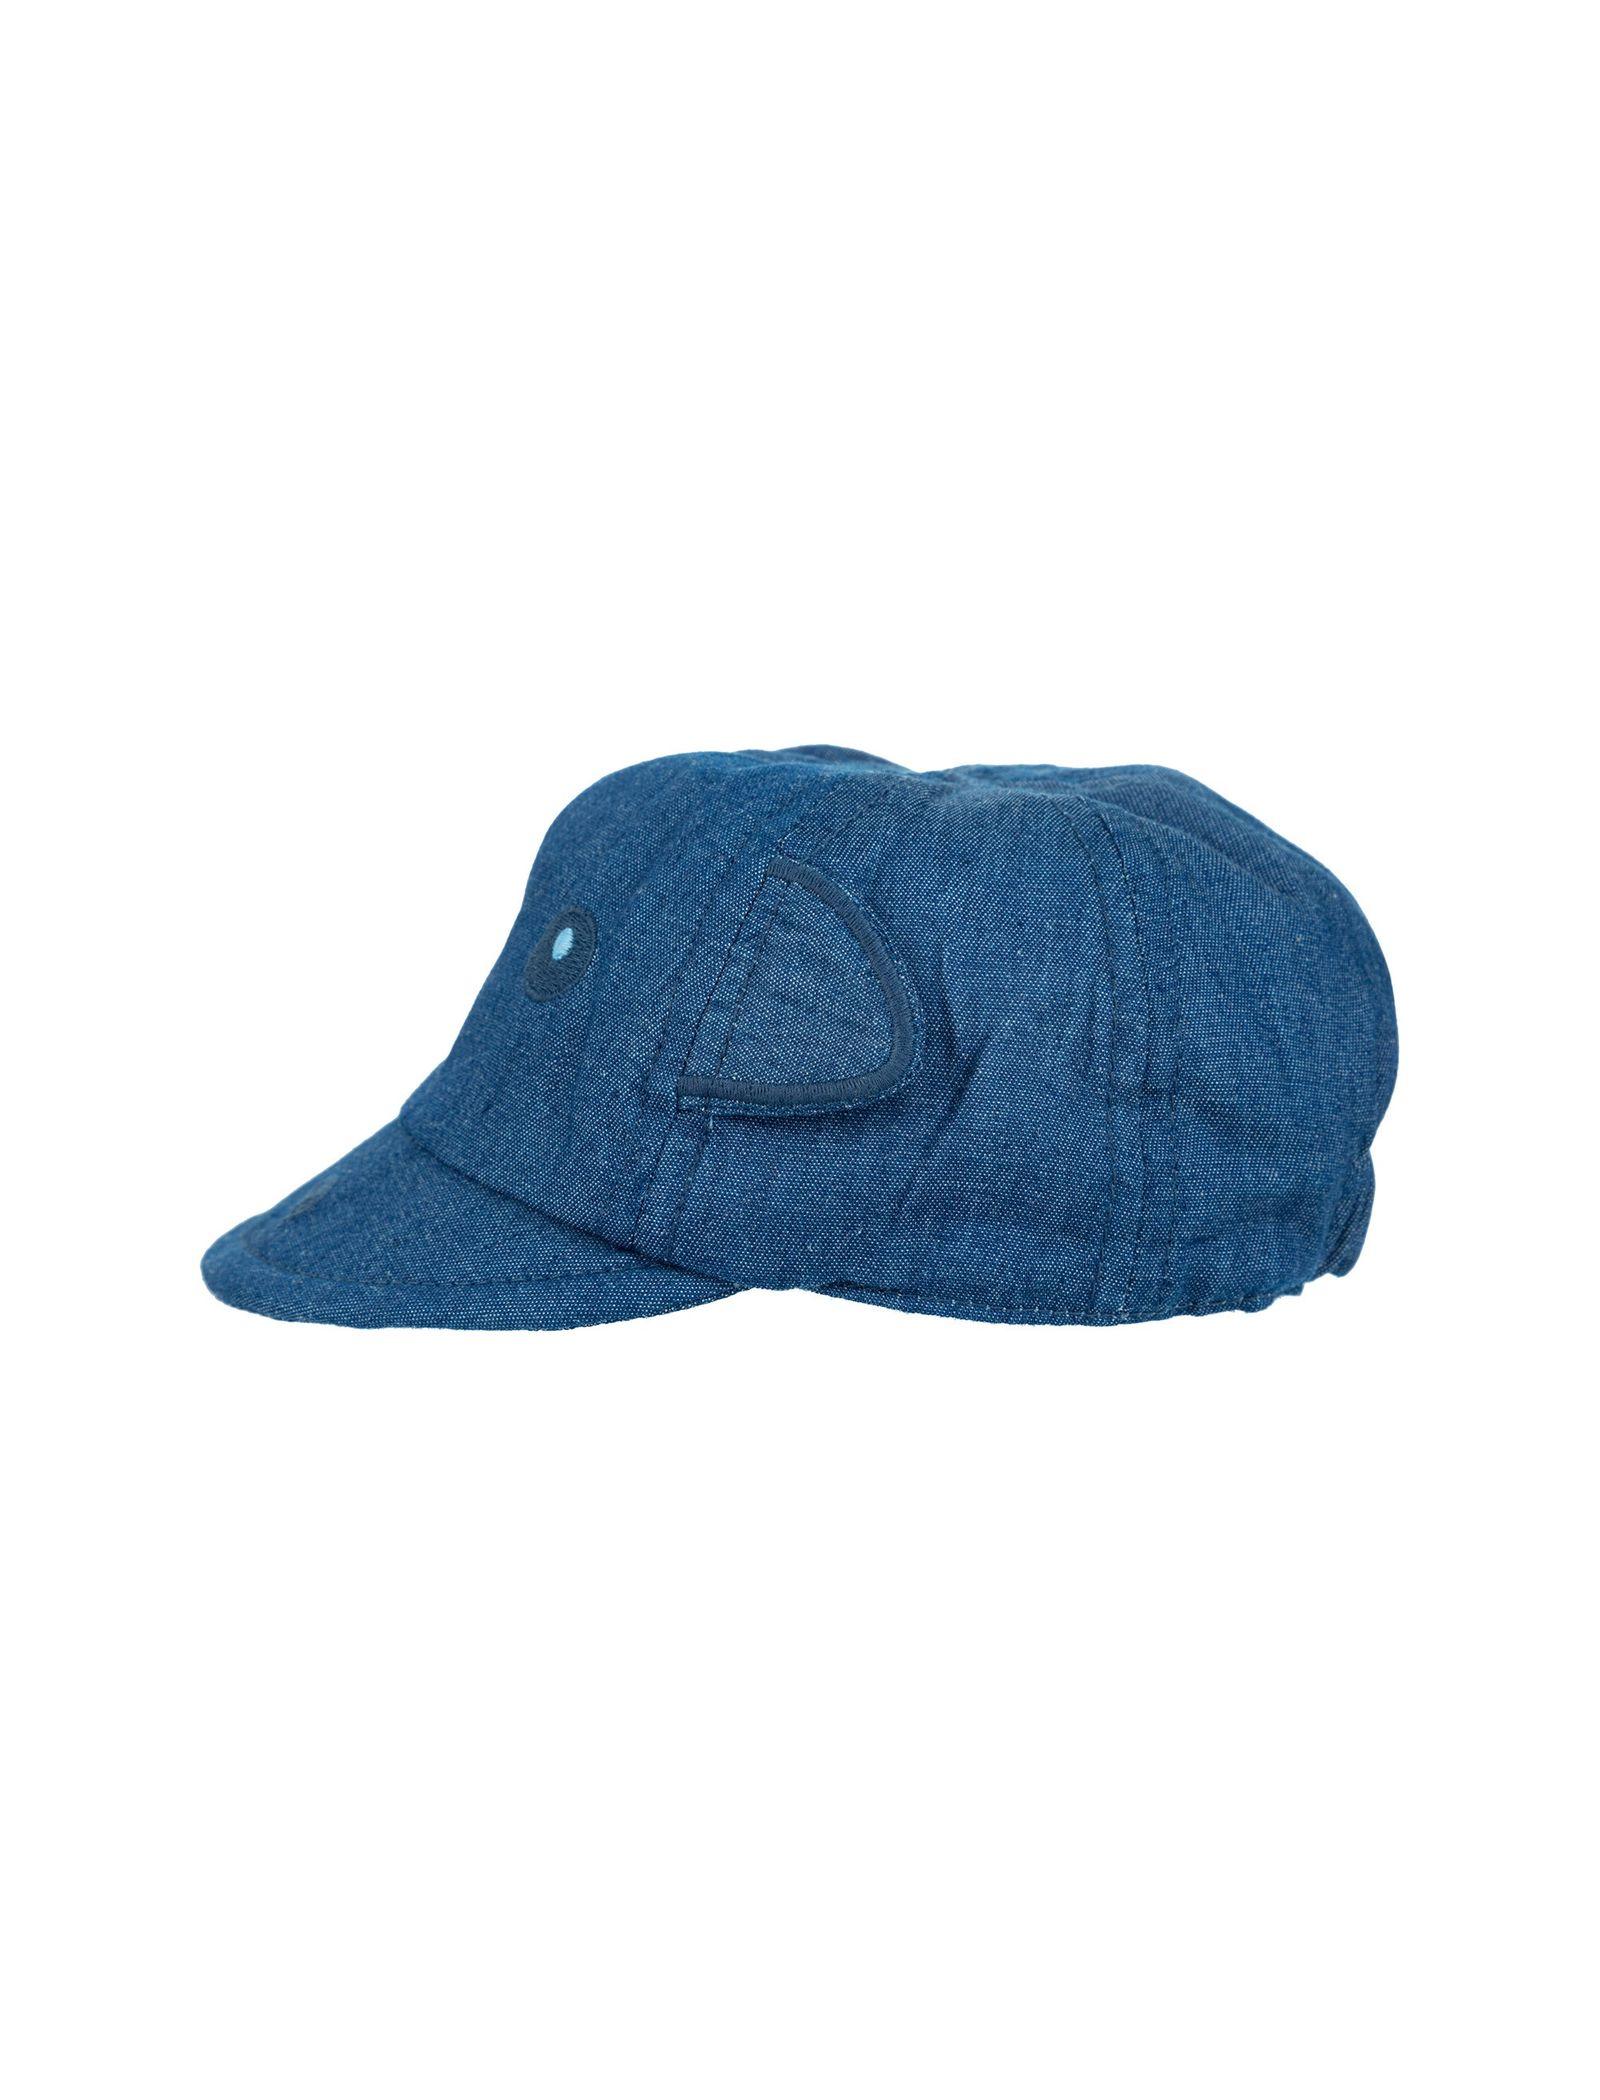 کلاه نخی پسرانه - بلوکیدز - آبي - 3